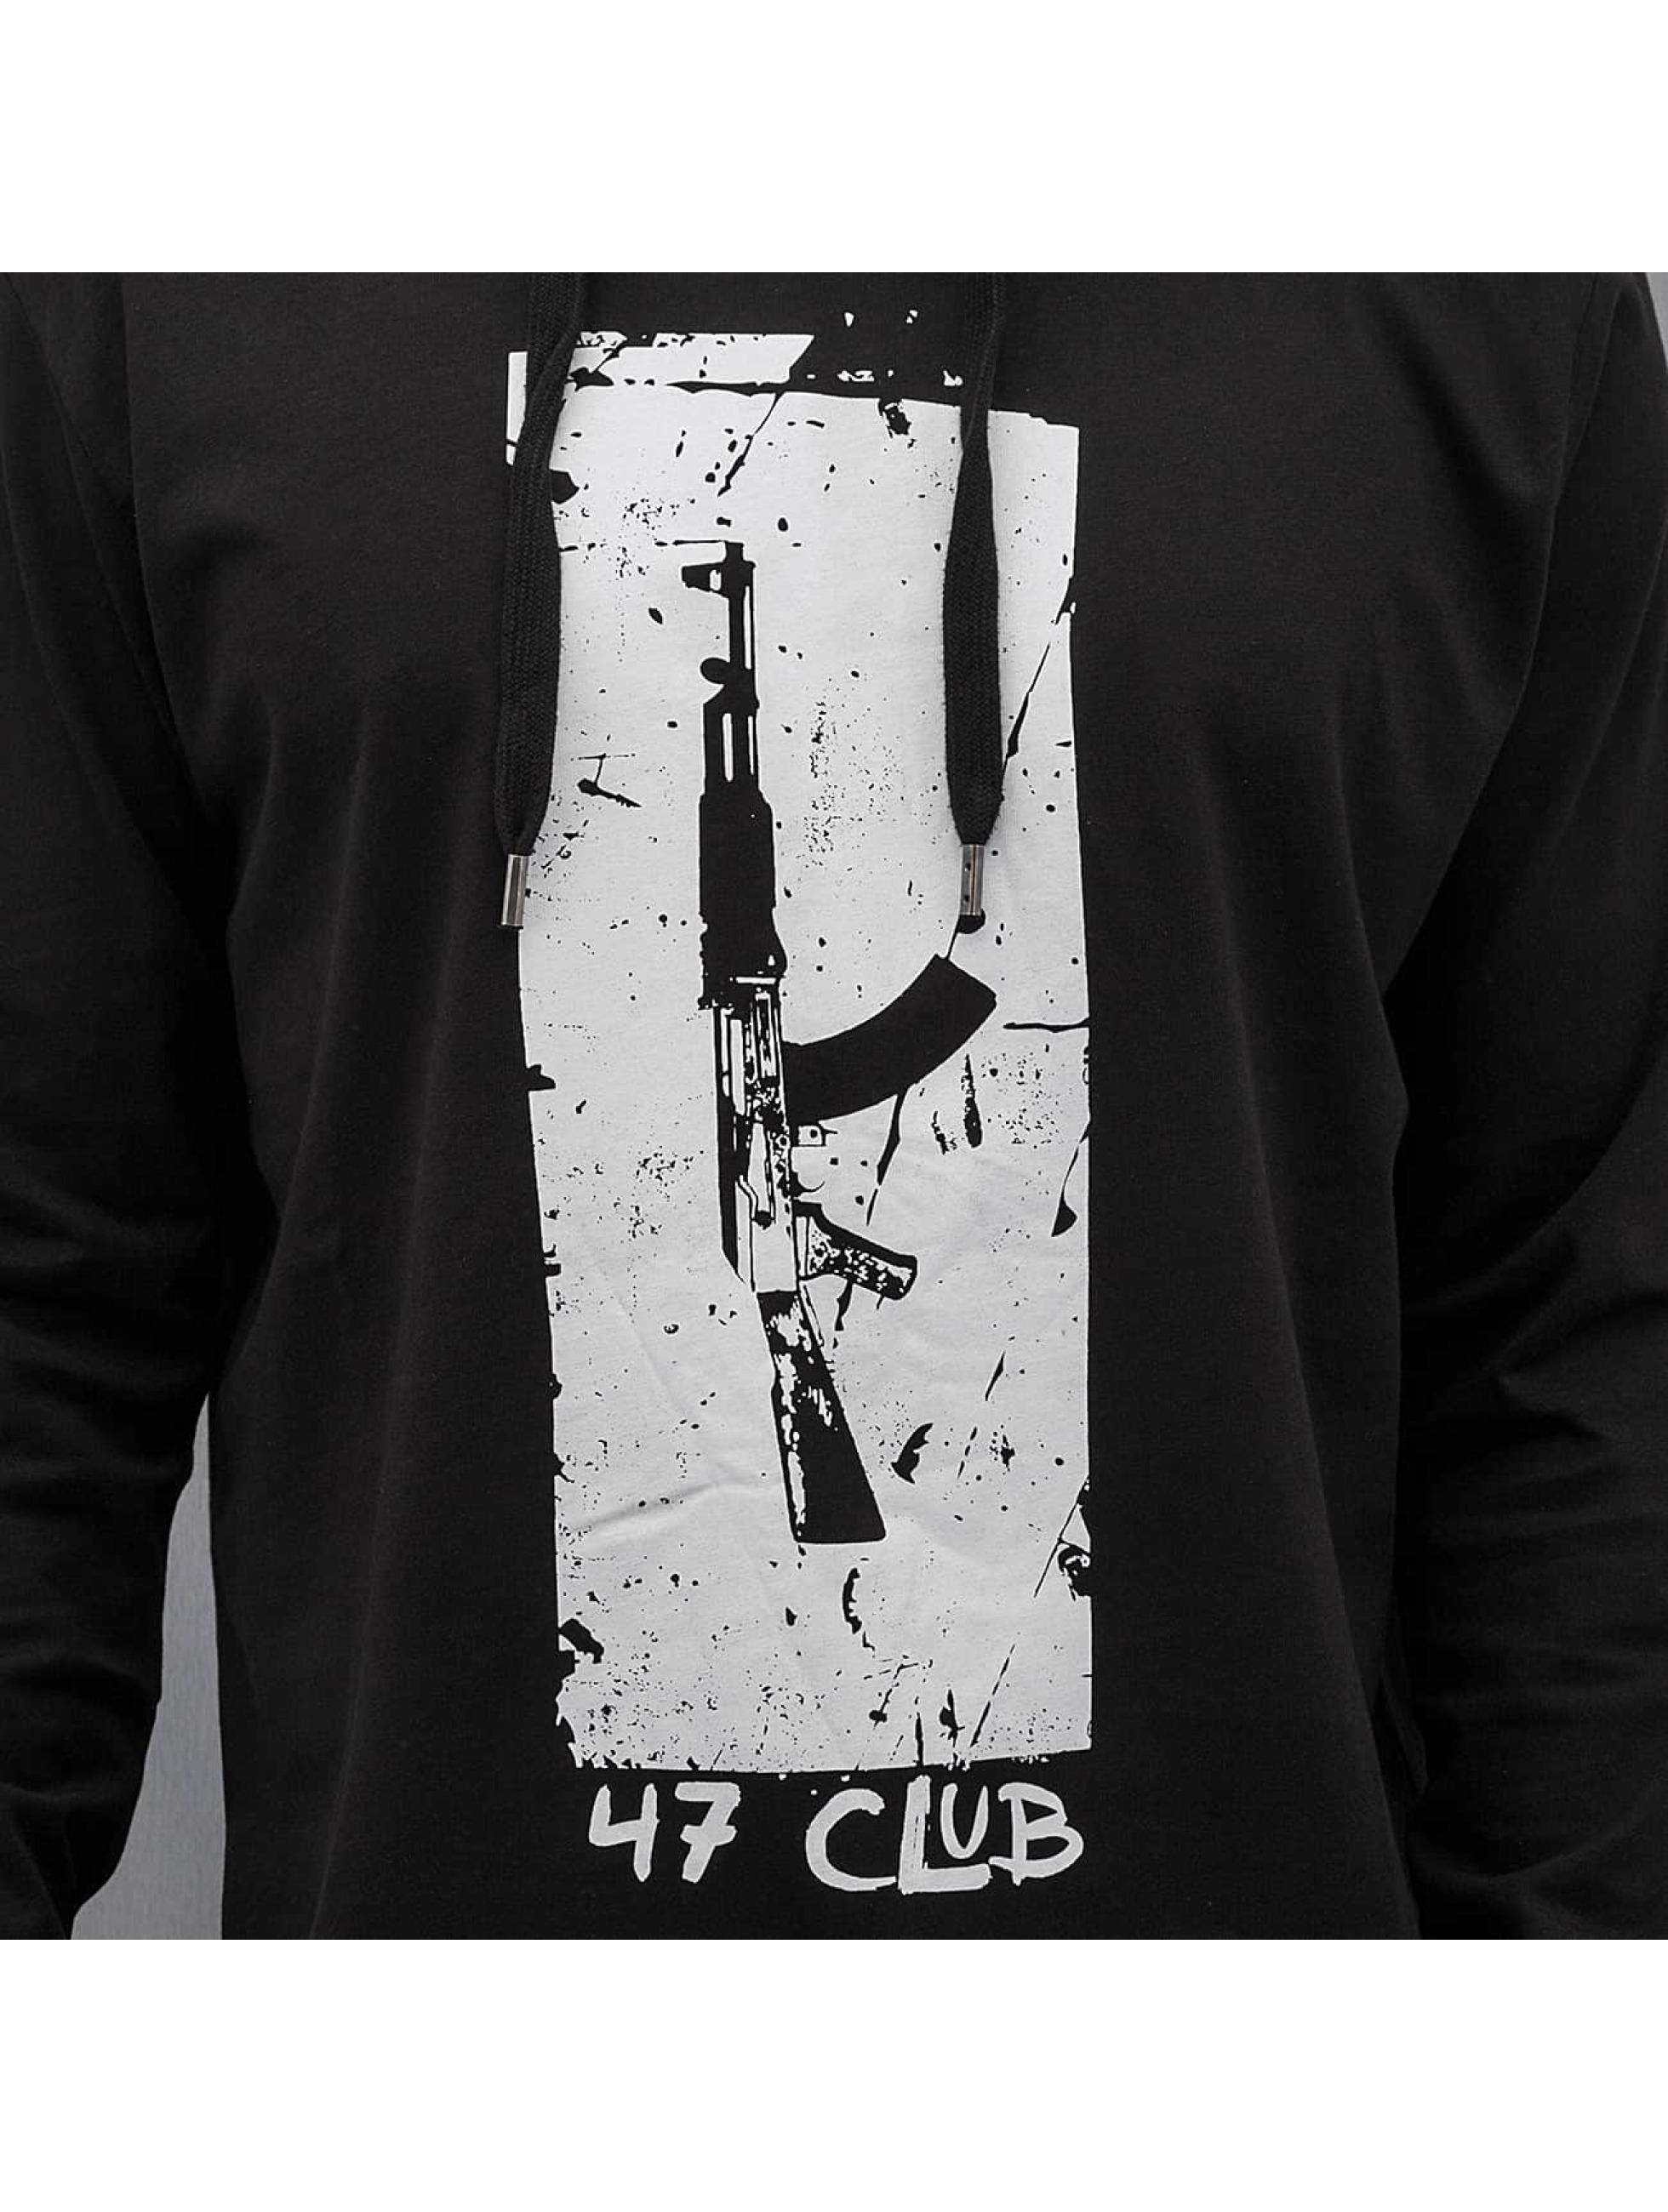 Dangerous DNGRS Pitkähihaiset paidat 47 Club musta